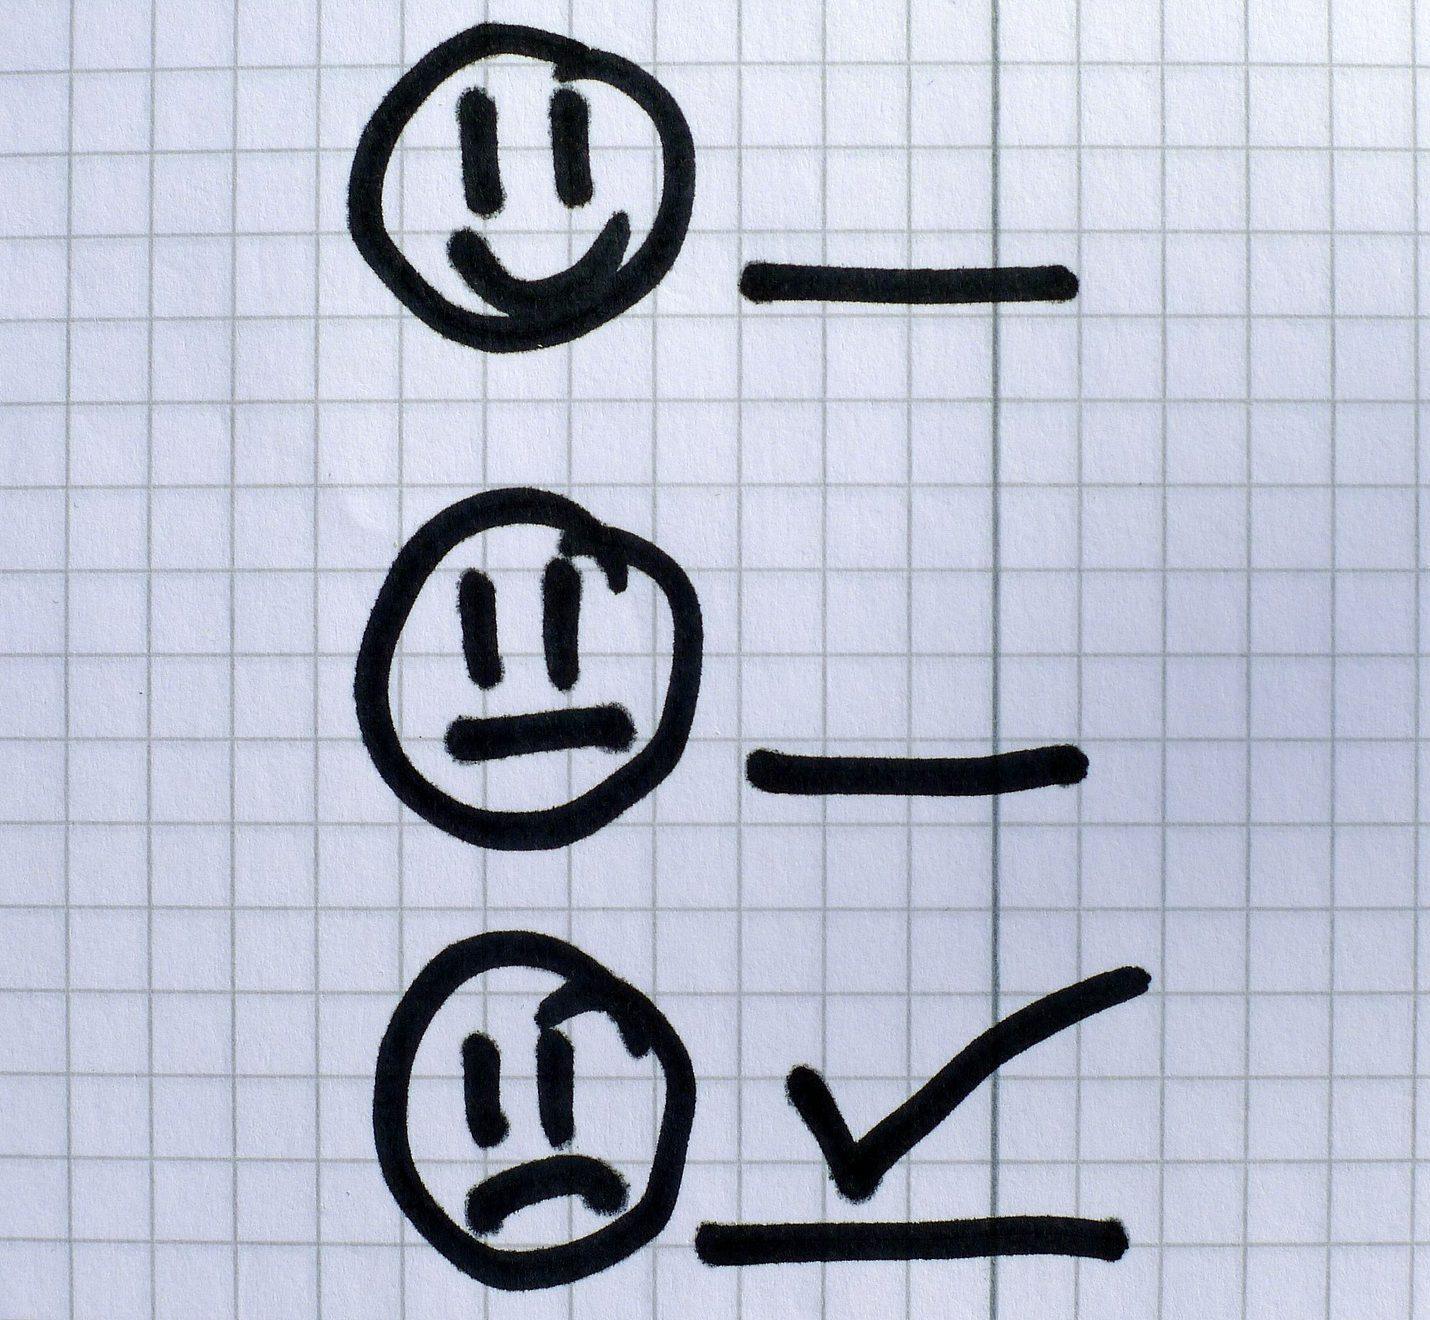 How to Handle Client Complaints